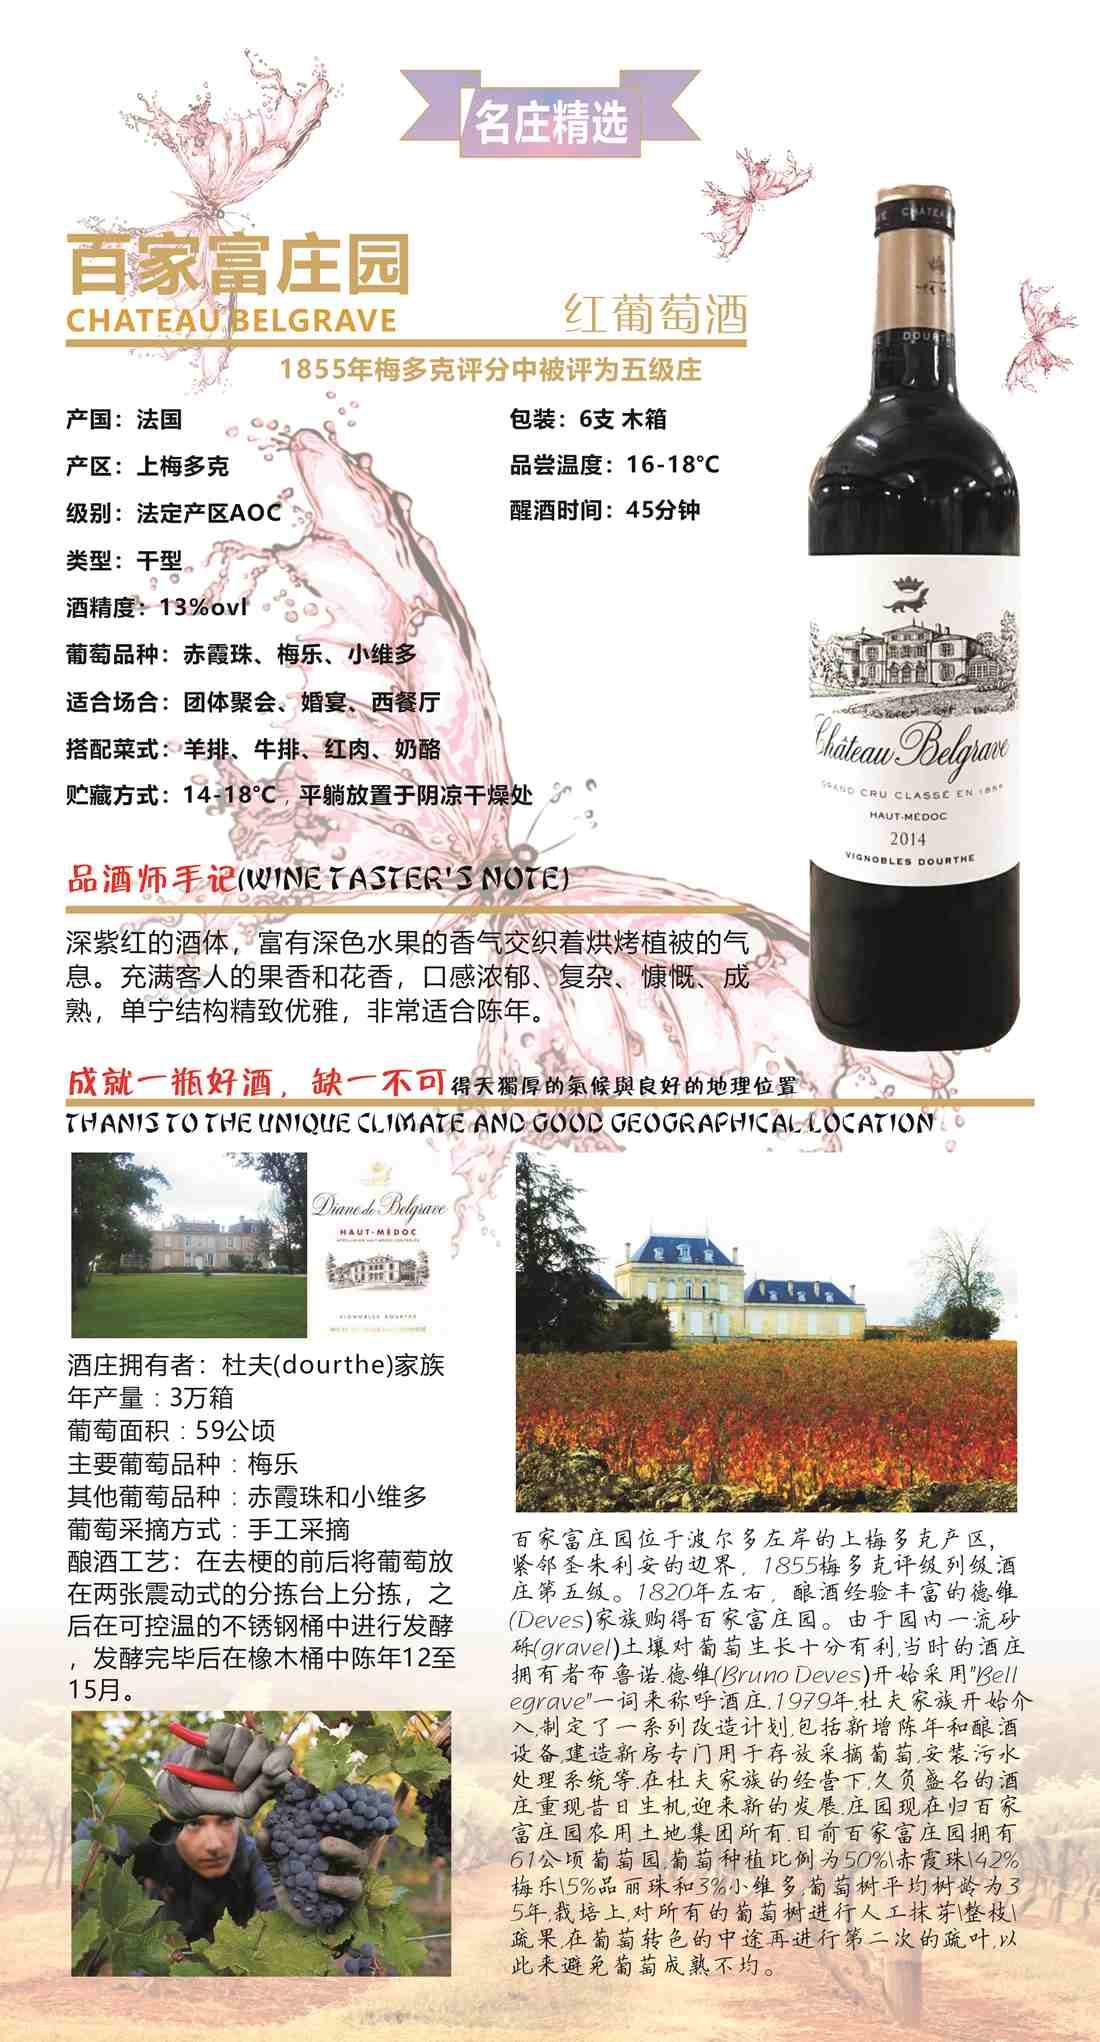 西夫拉姆红酒葡萄酒价格-通天葡萄酒价格-什么是干红